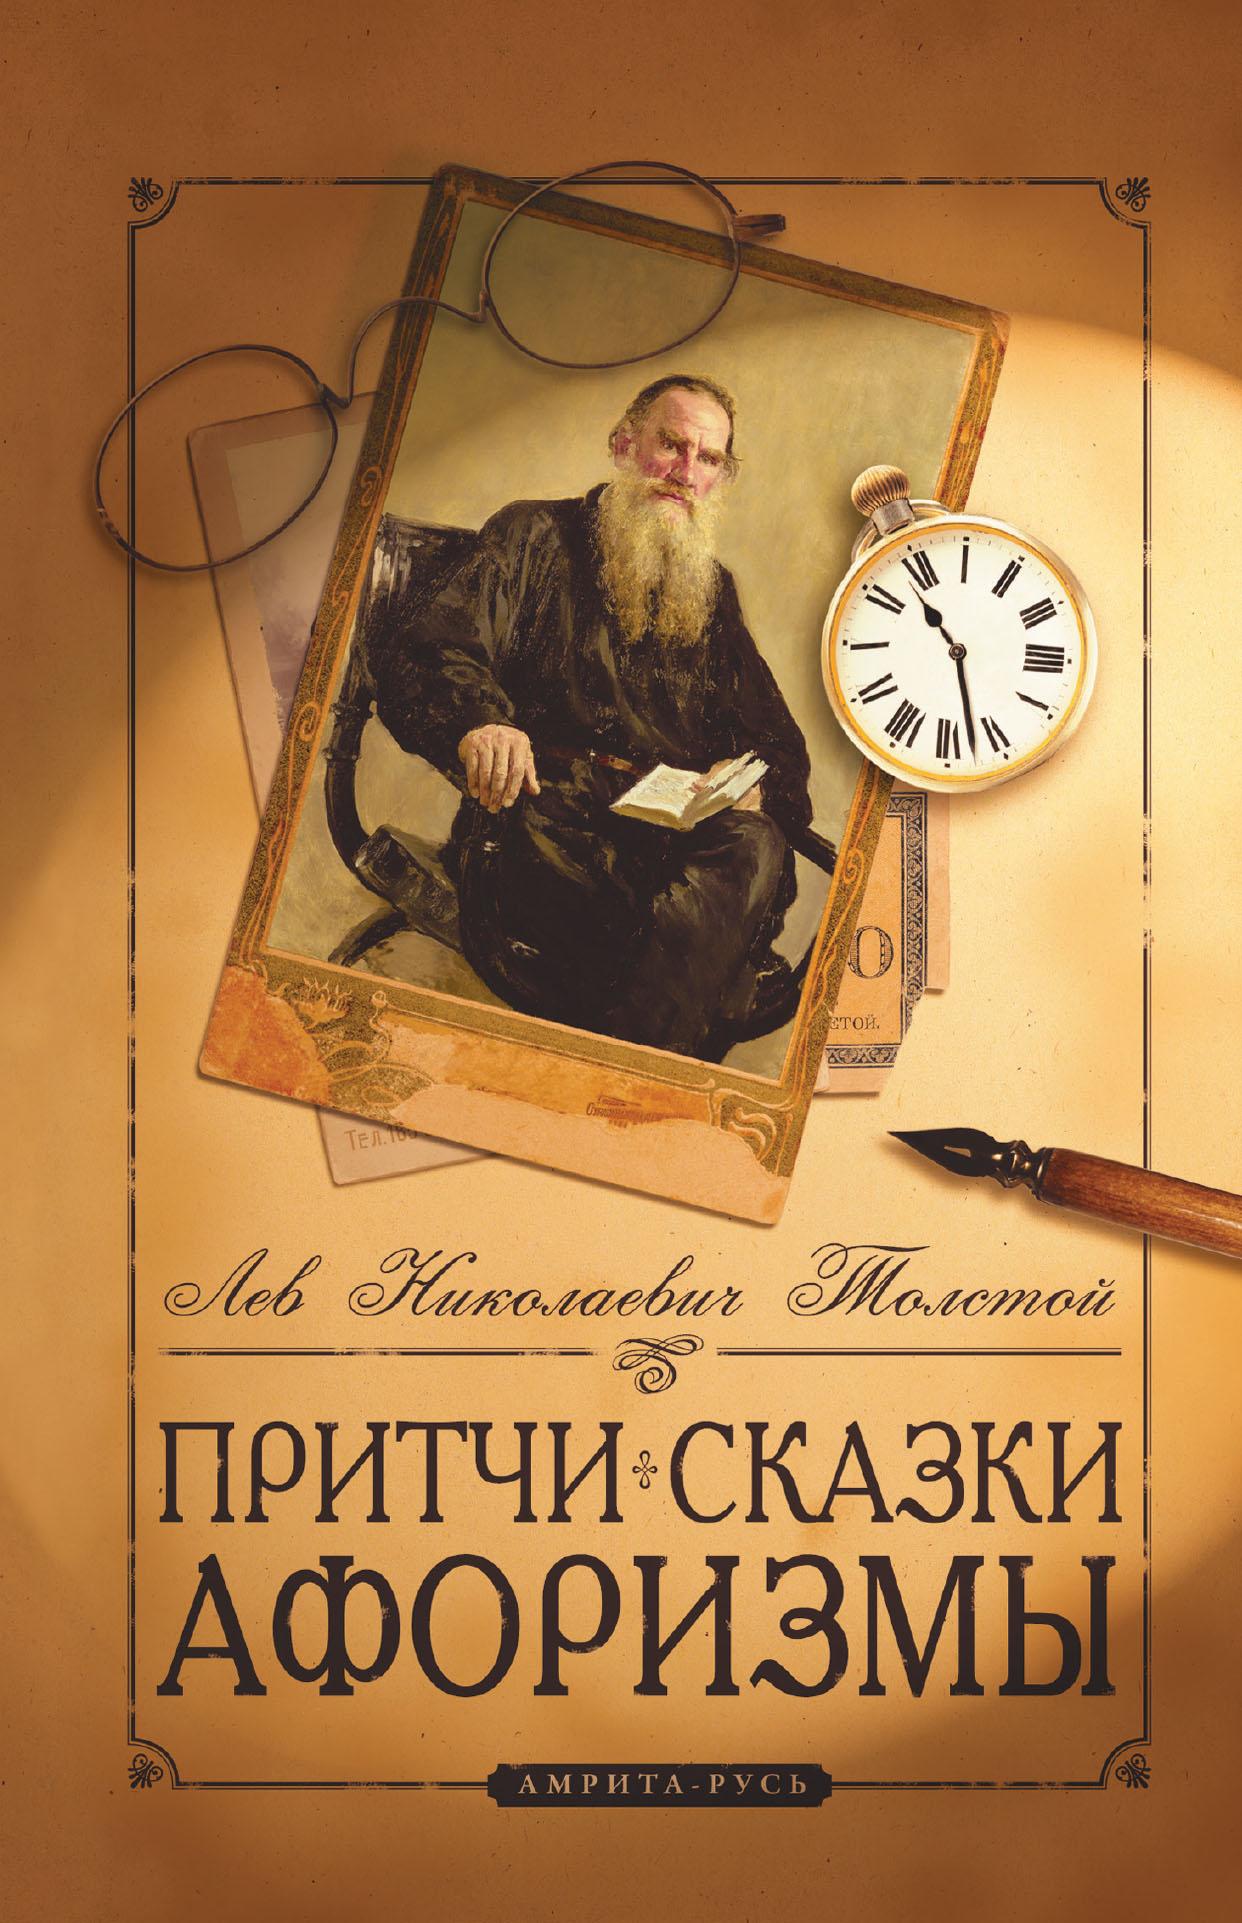 Притчи, сказки, афоризмы Льва Толстого. 9-е изд